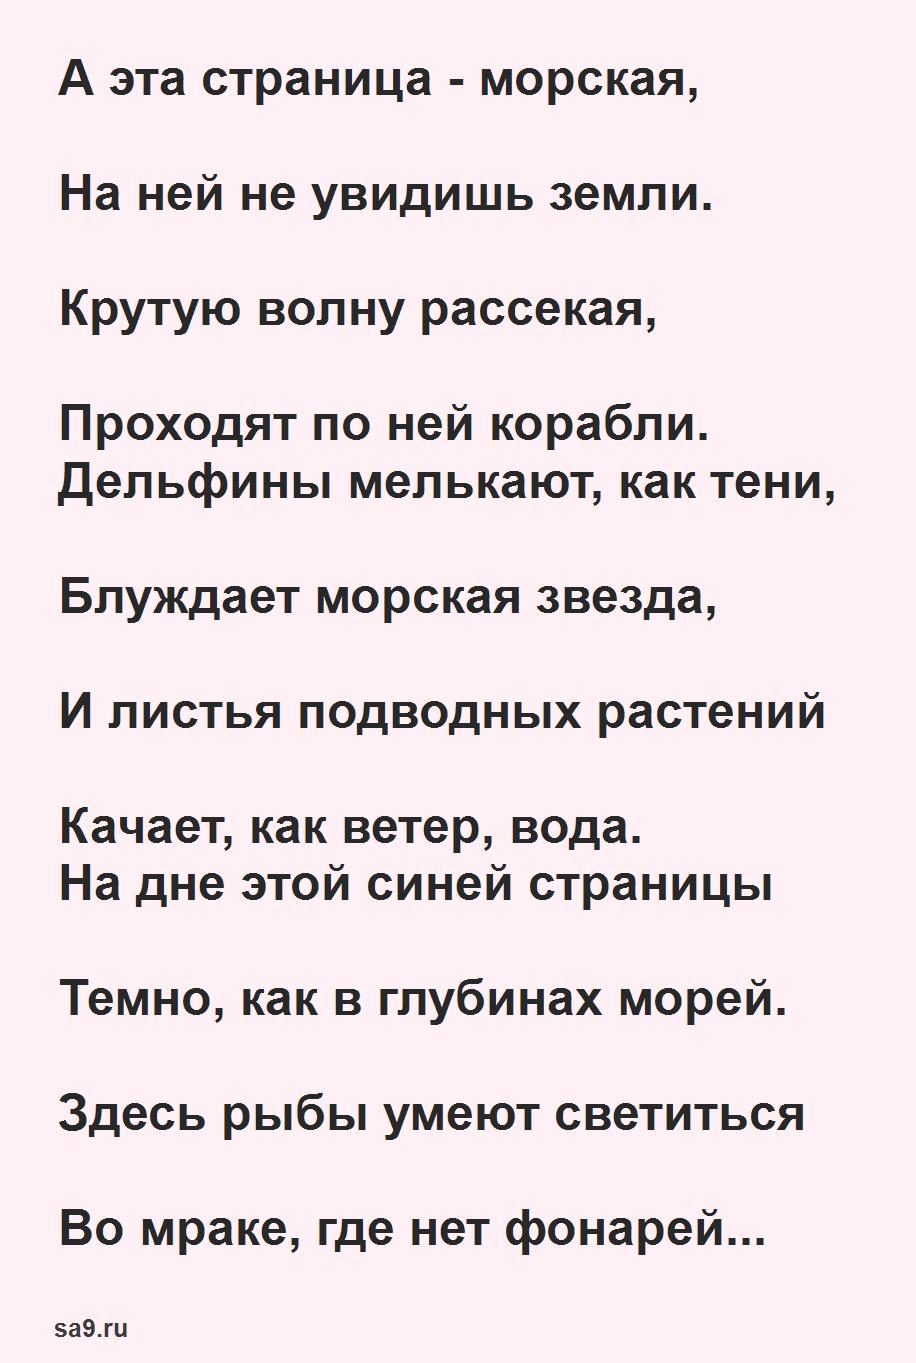 Маршак стихи для детей - Синяя страница